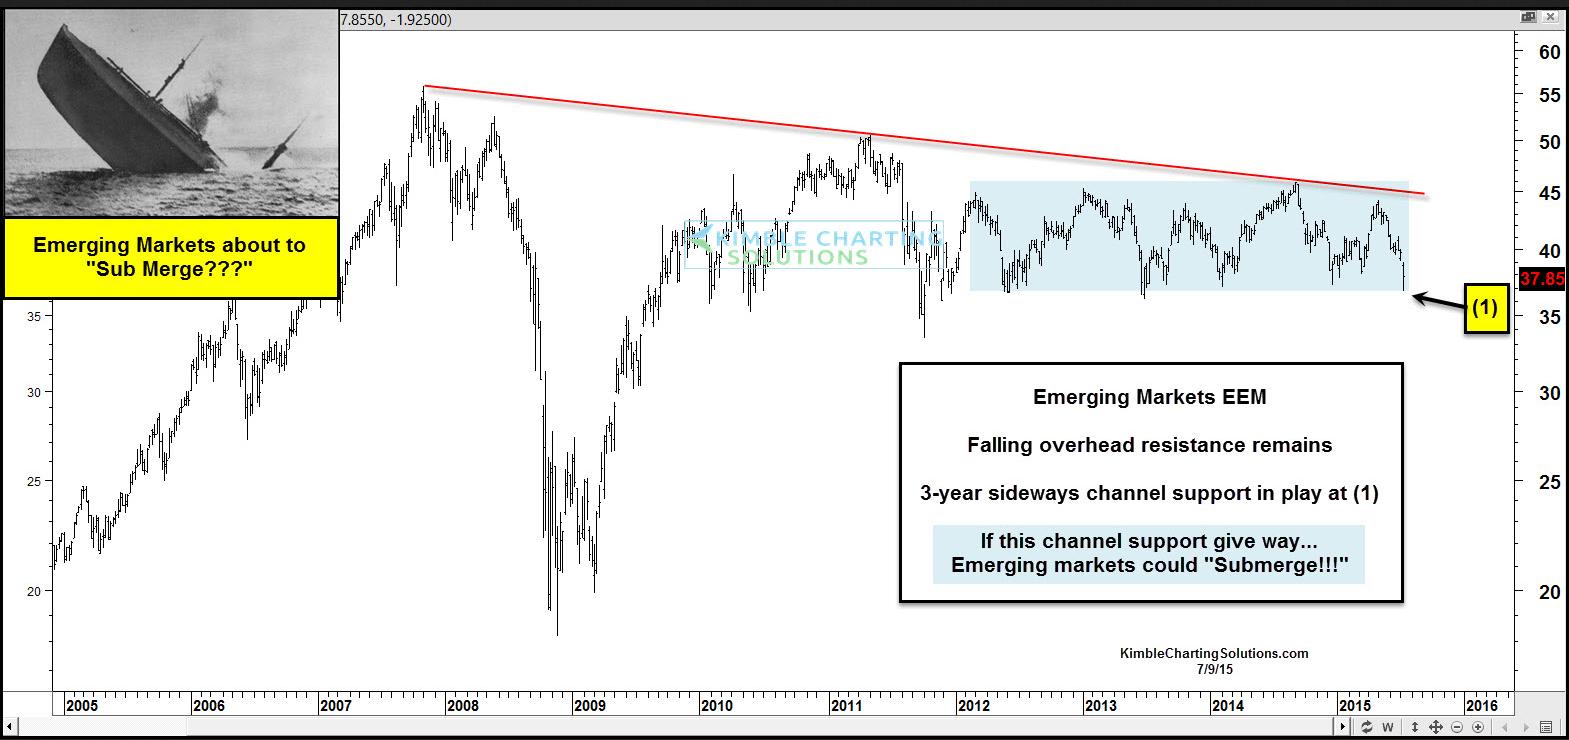 Eem options trading